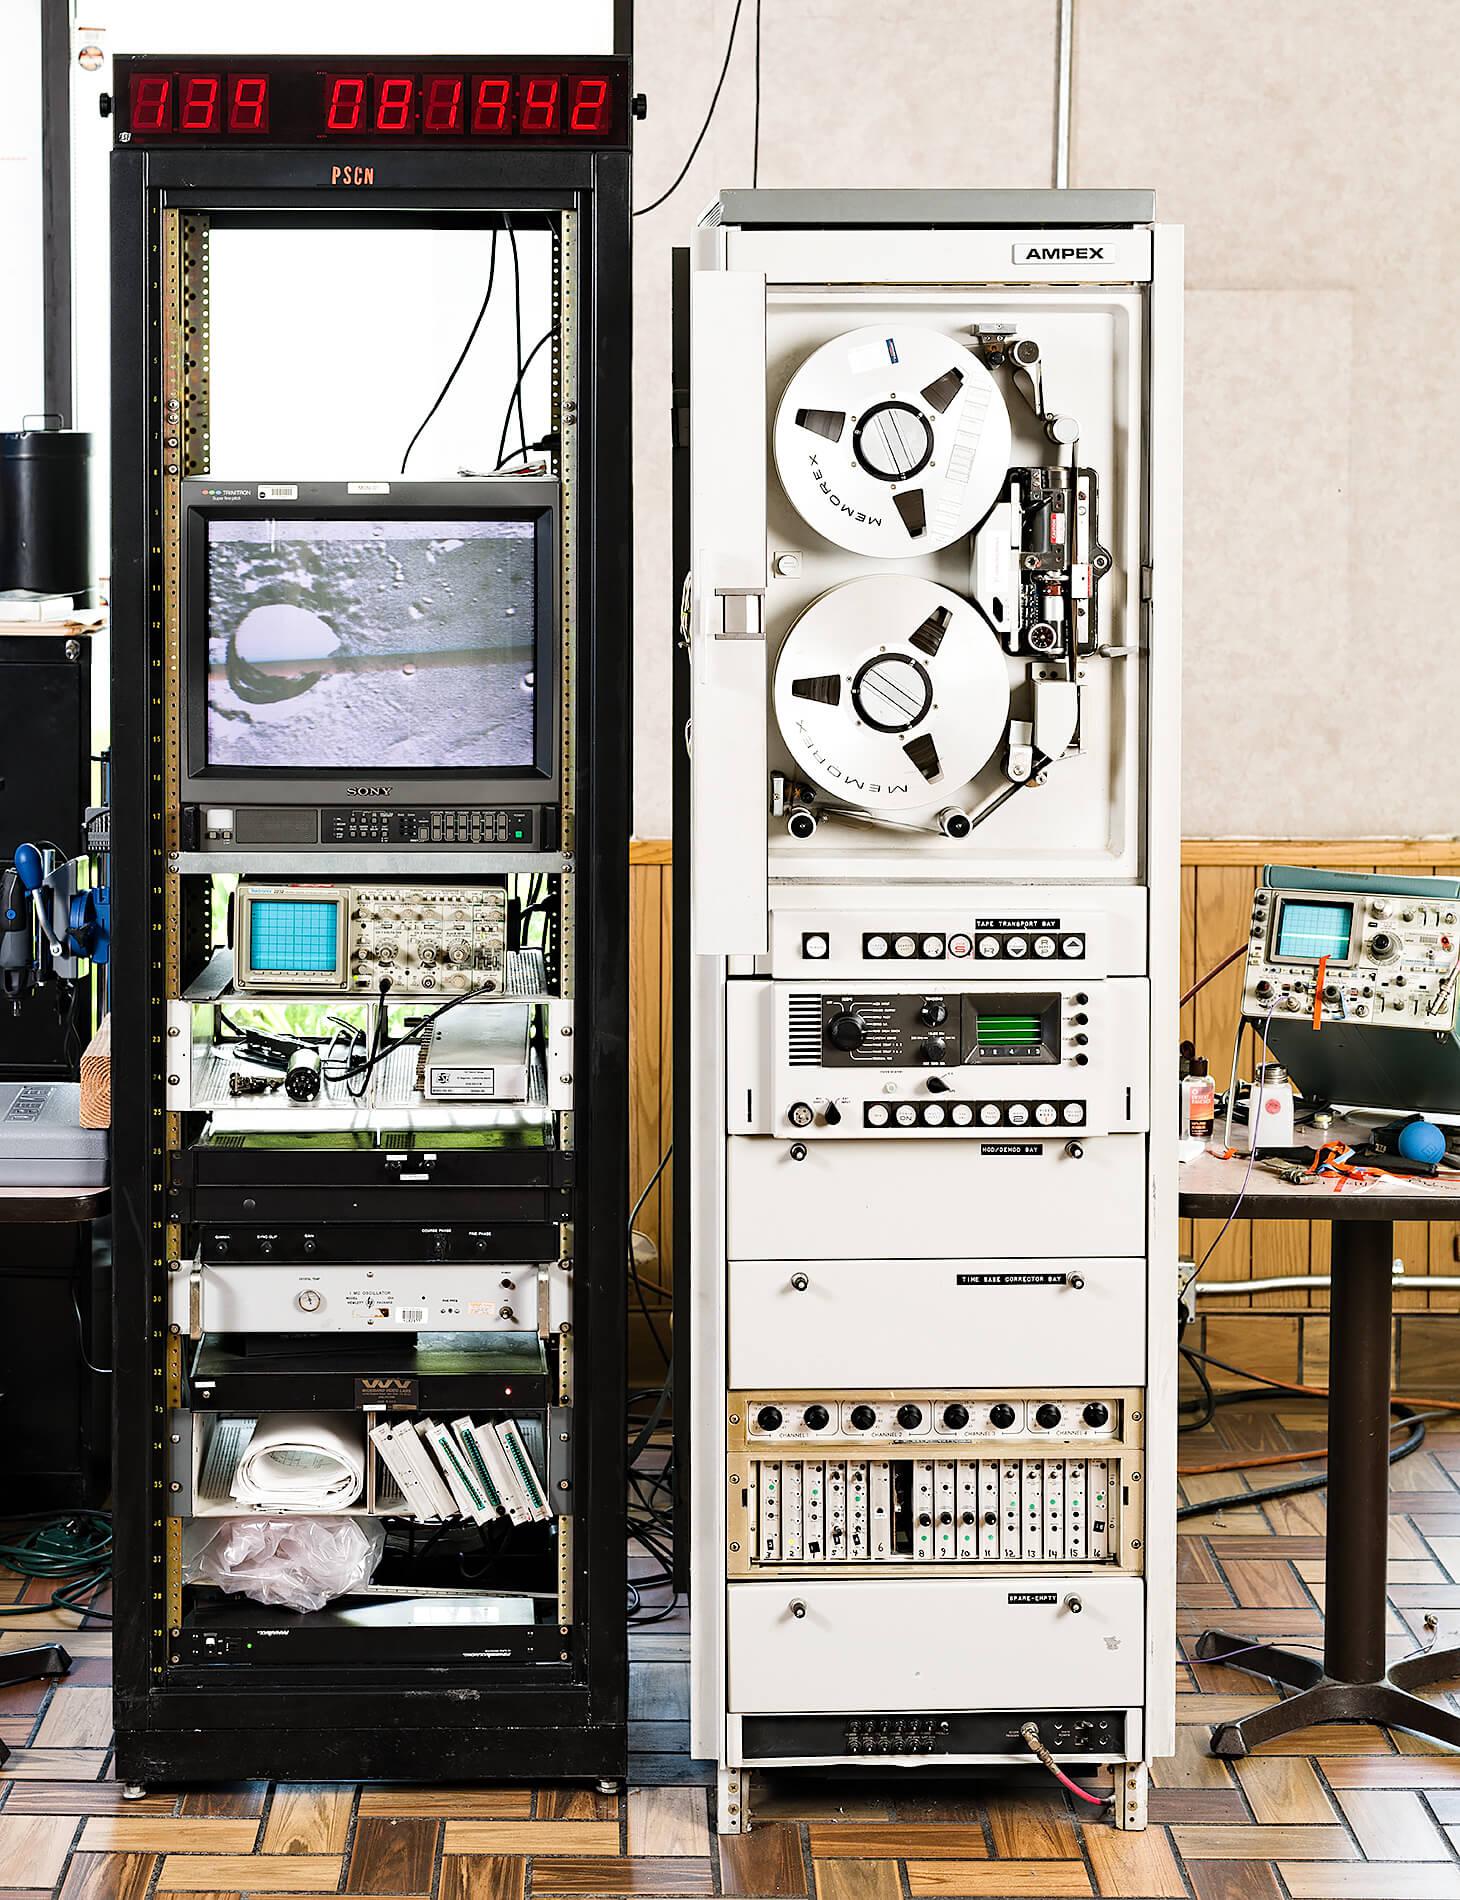 Hardware racks to digitize moon images